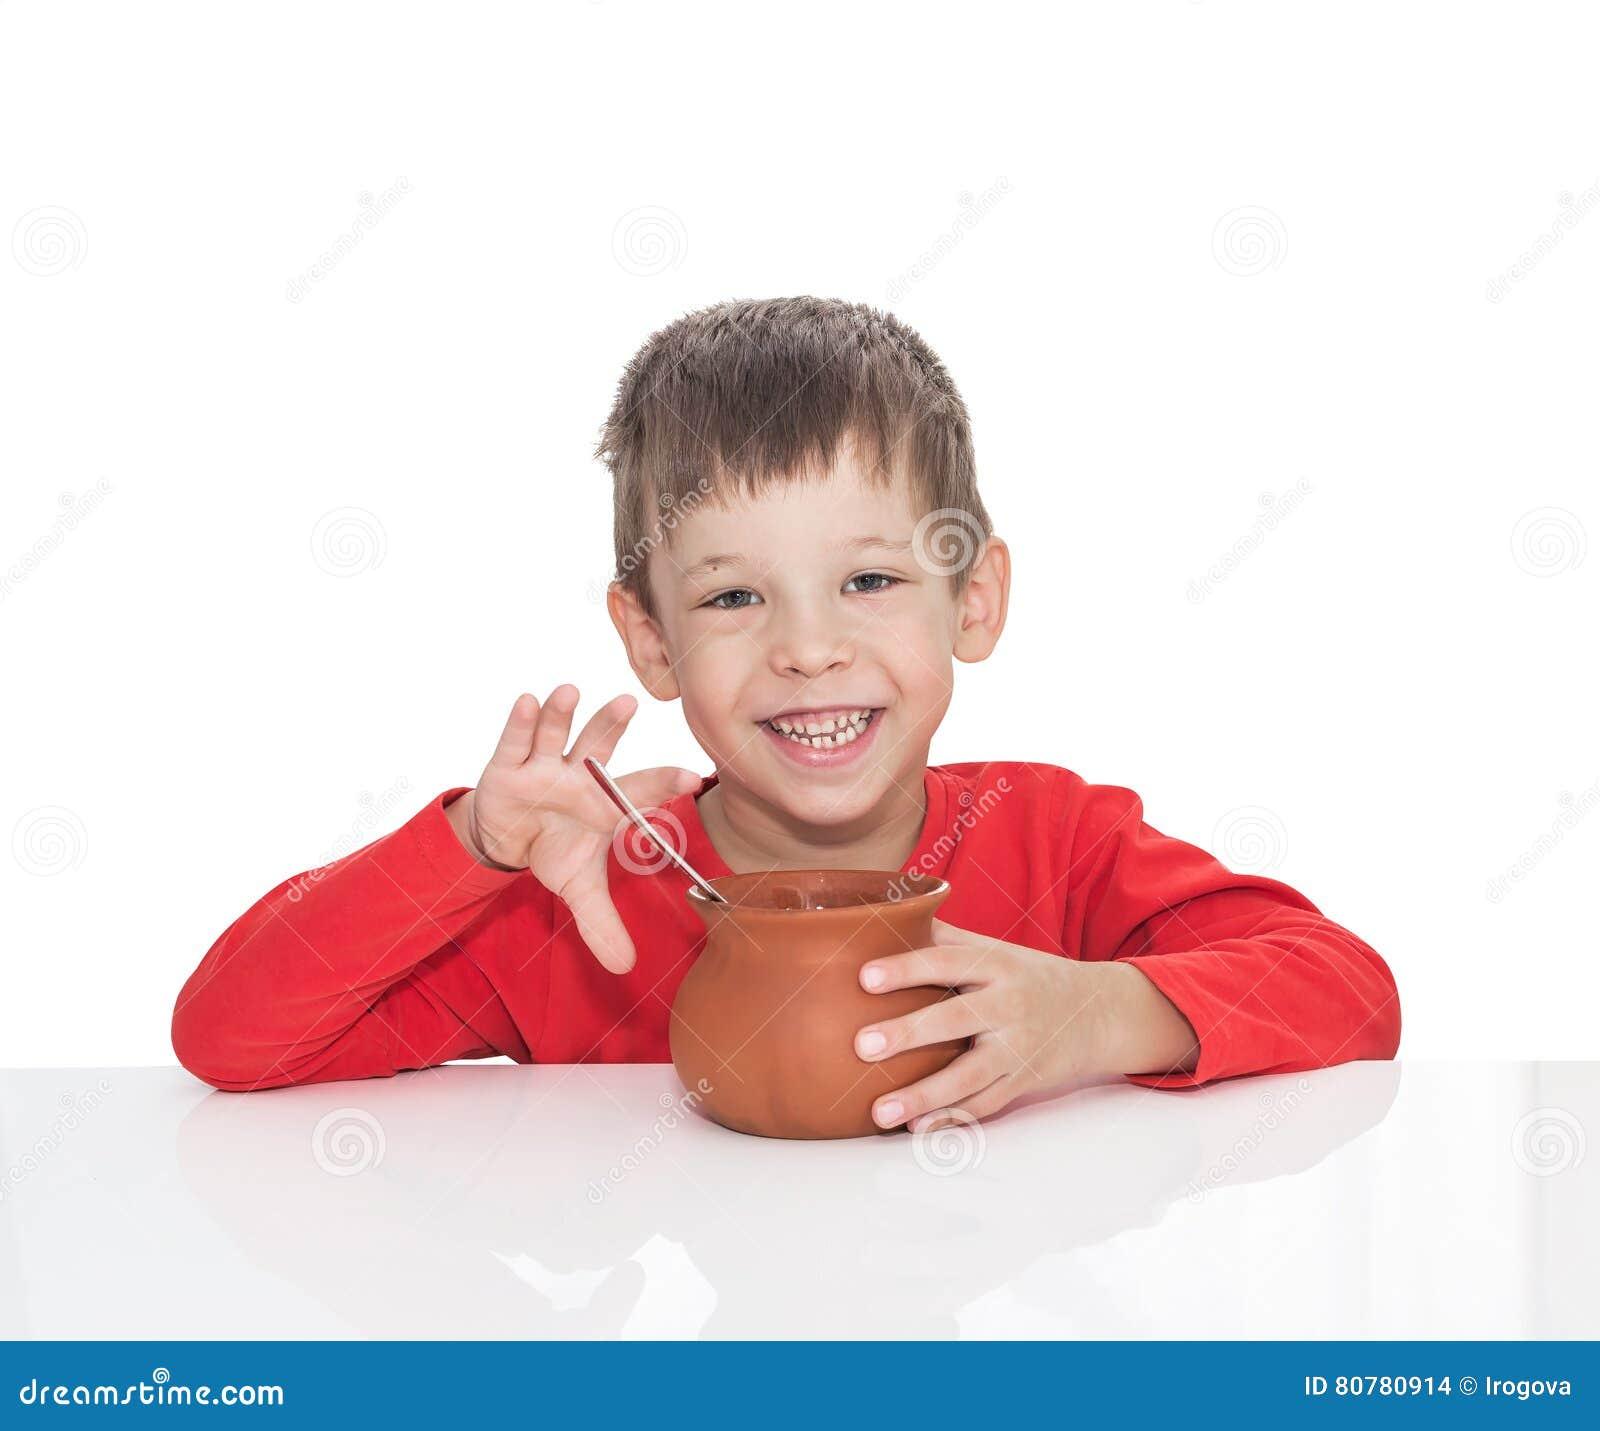 De zieke vijf jaar oude jongen zit bij een witte lijst en eet met een lepel van een kleipot - Jaar oude kamer van de jongen ...